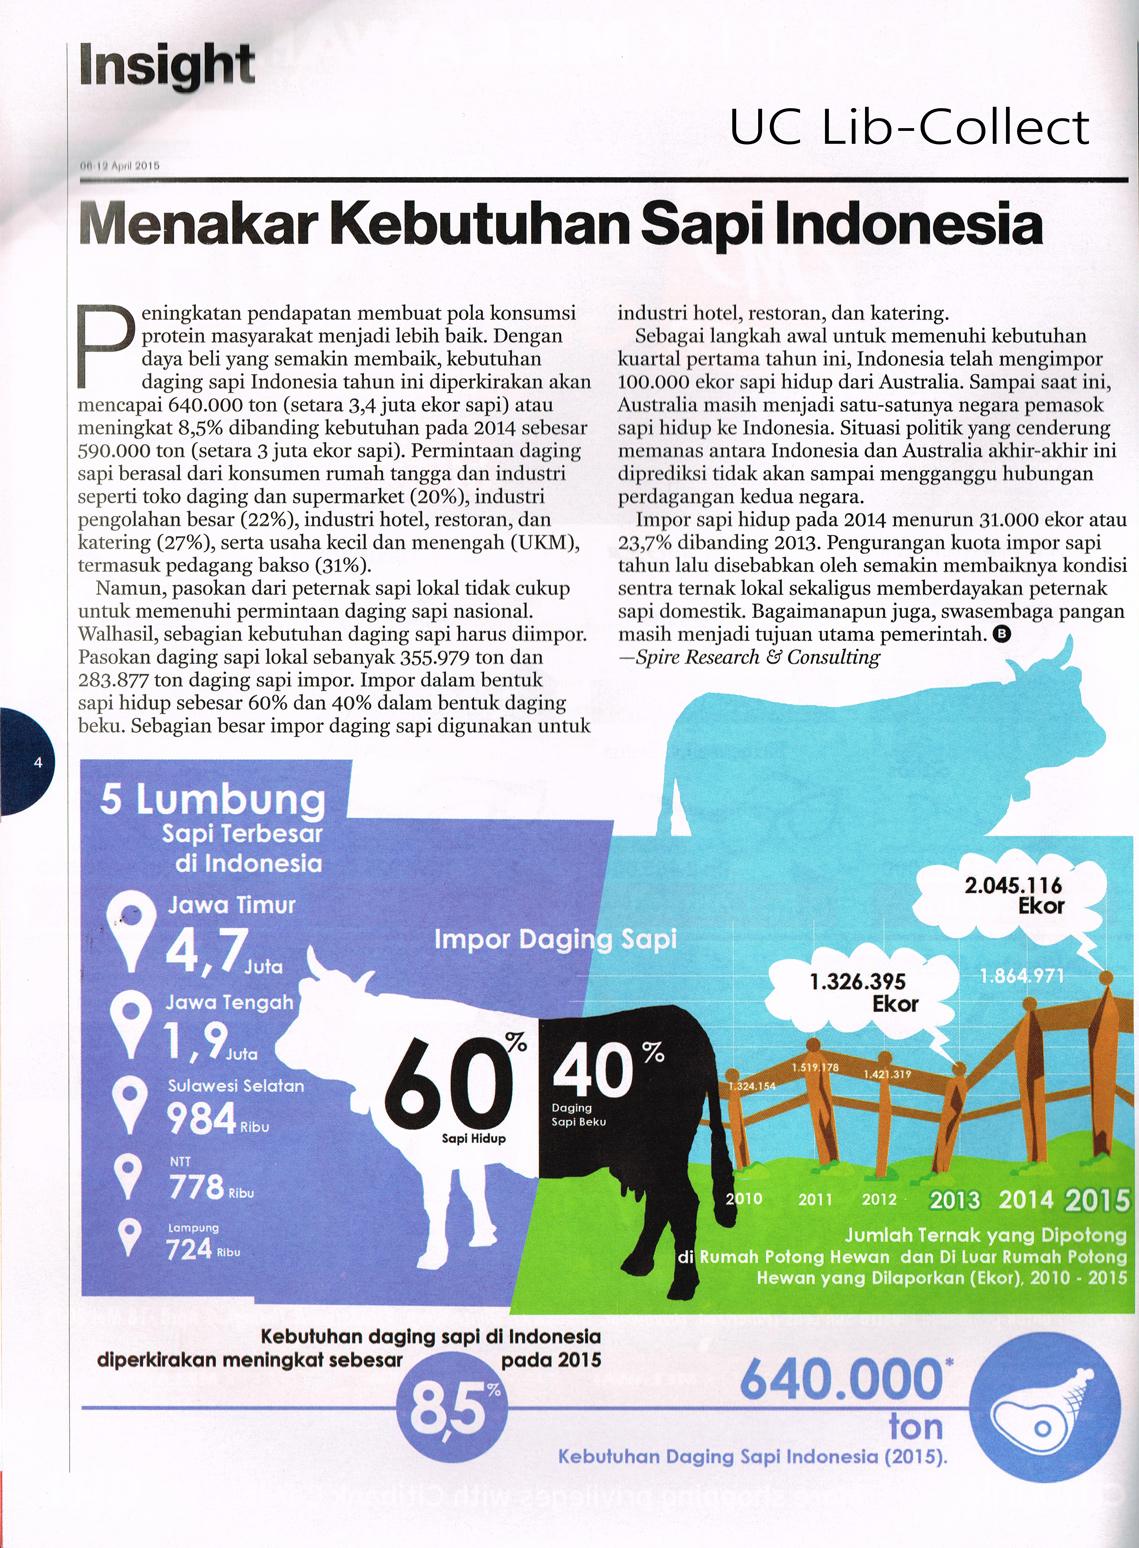 Menakar-Kebutuhan-Sapi-Indonesia.Bloomberg-Businessweek-eds-06-12-Apr.2015.pg-4